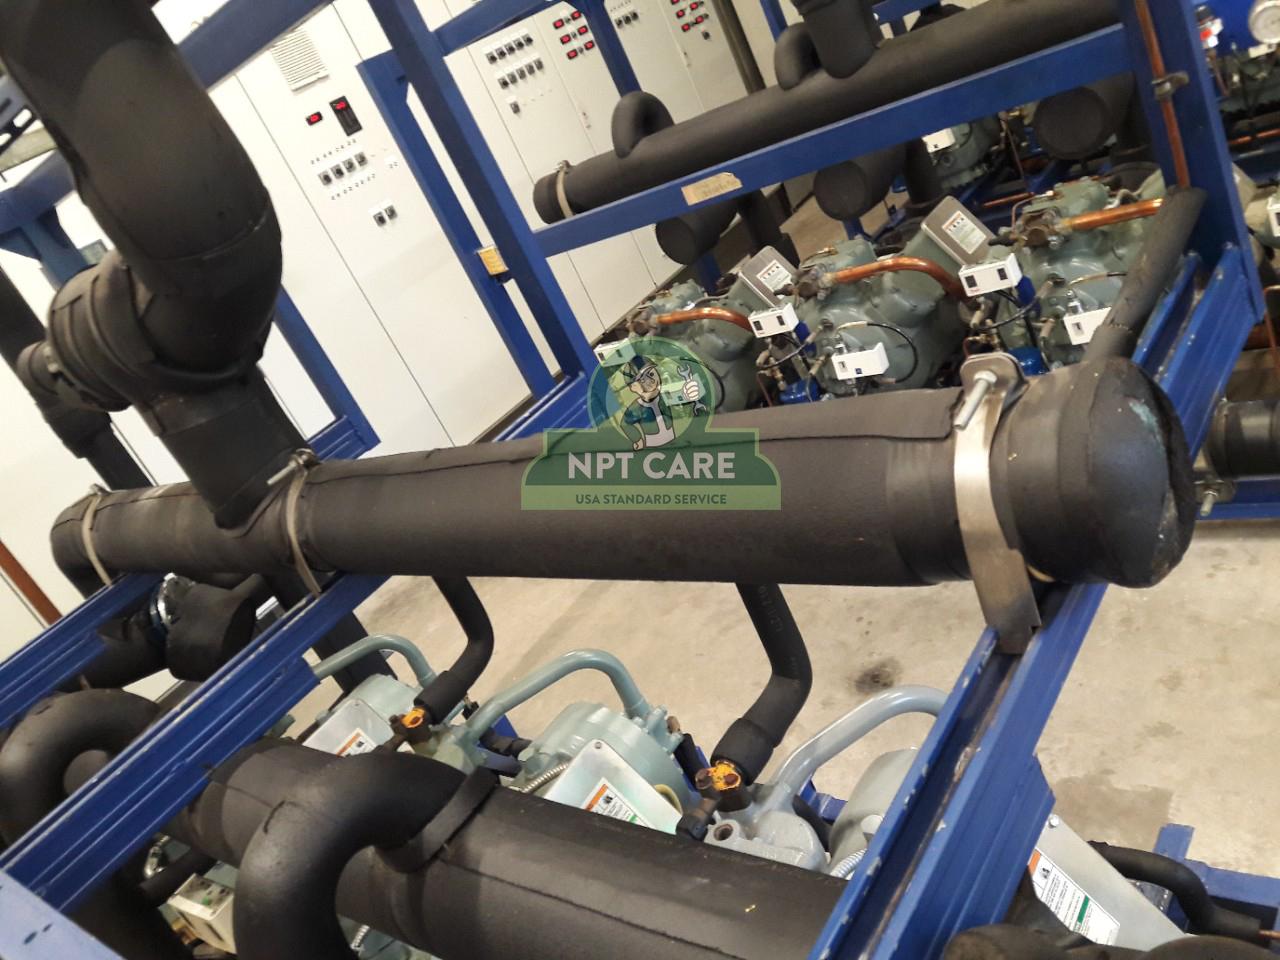 Khảo sát và lên phương án bảo trì hệ thống lạnh công nghiệp MM MEGA MARKET tại Nghệ An 3